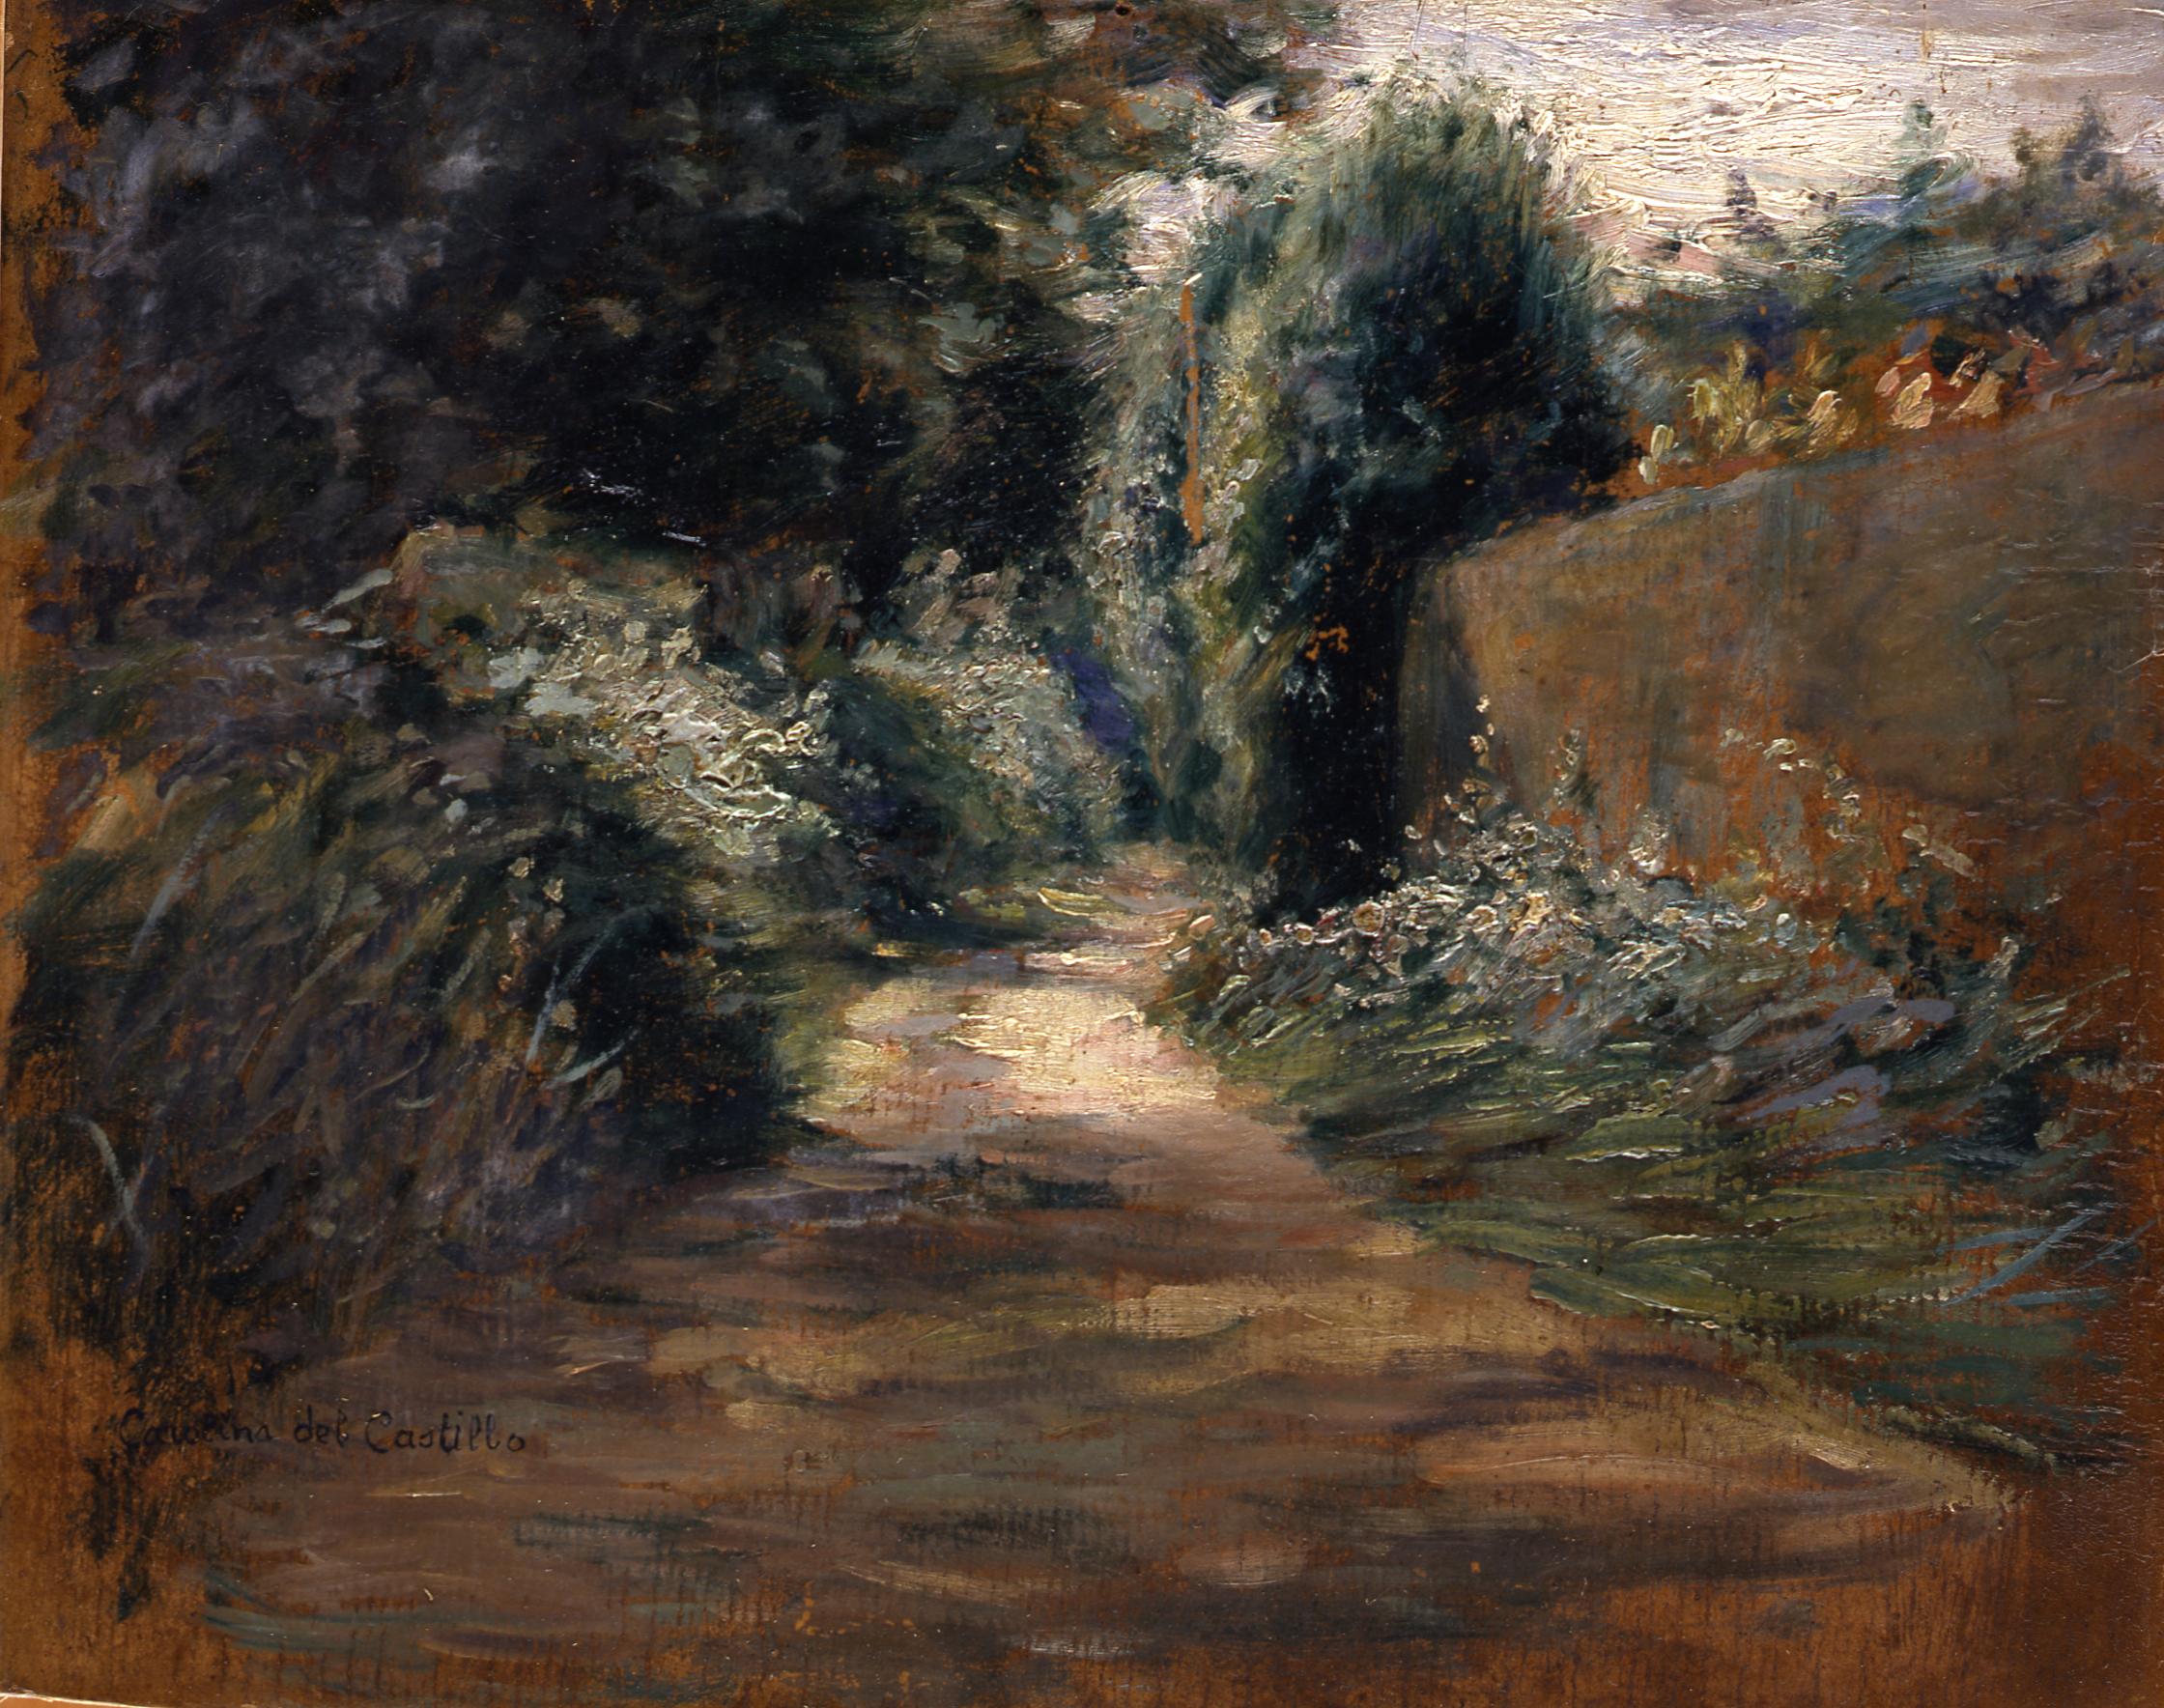 Camino del Llosón Carolina del Castillo